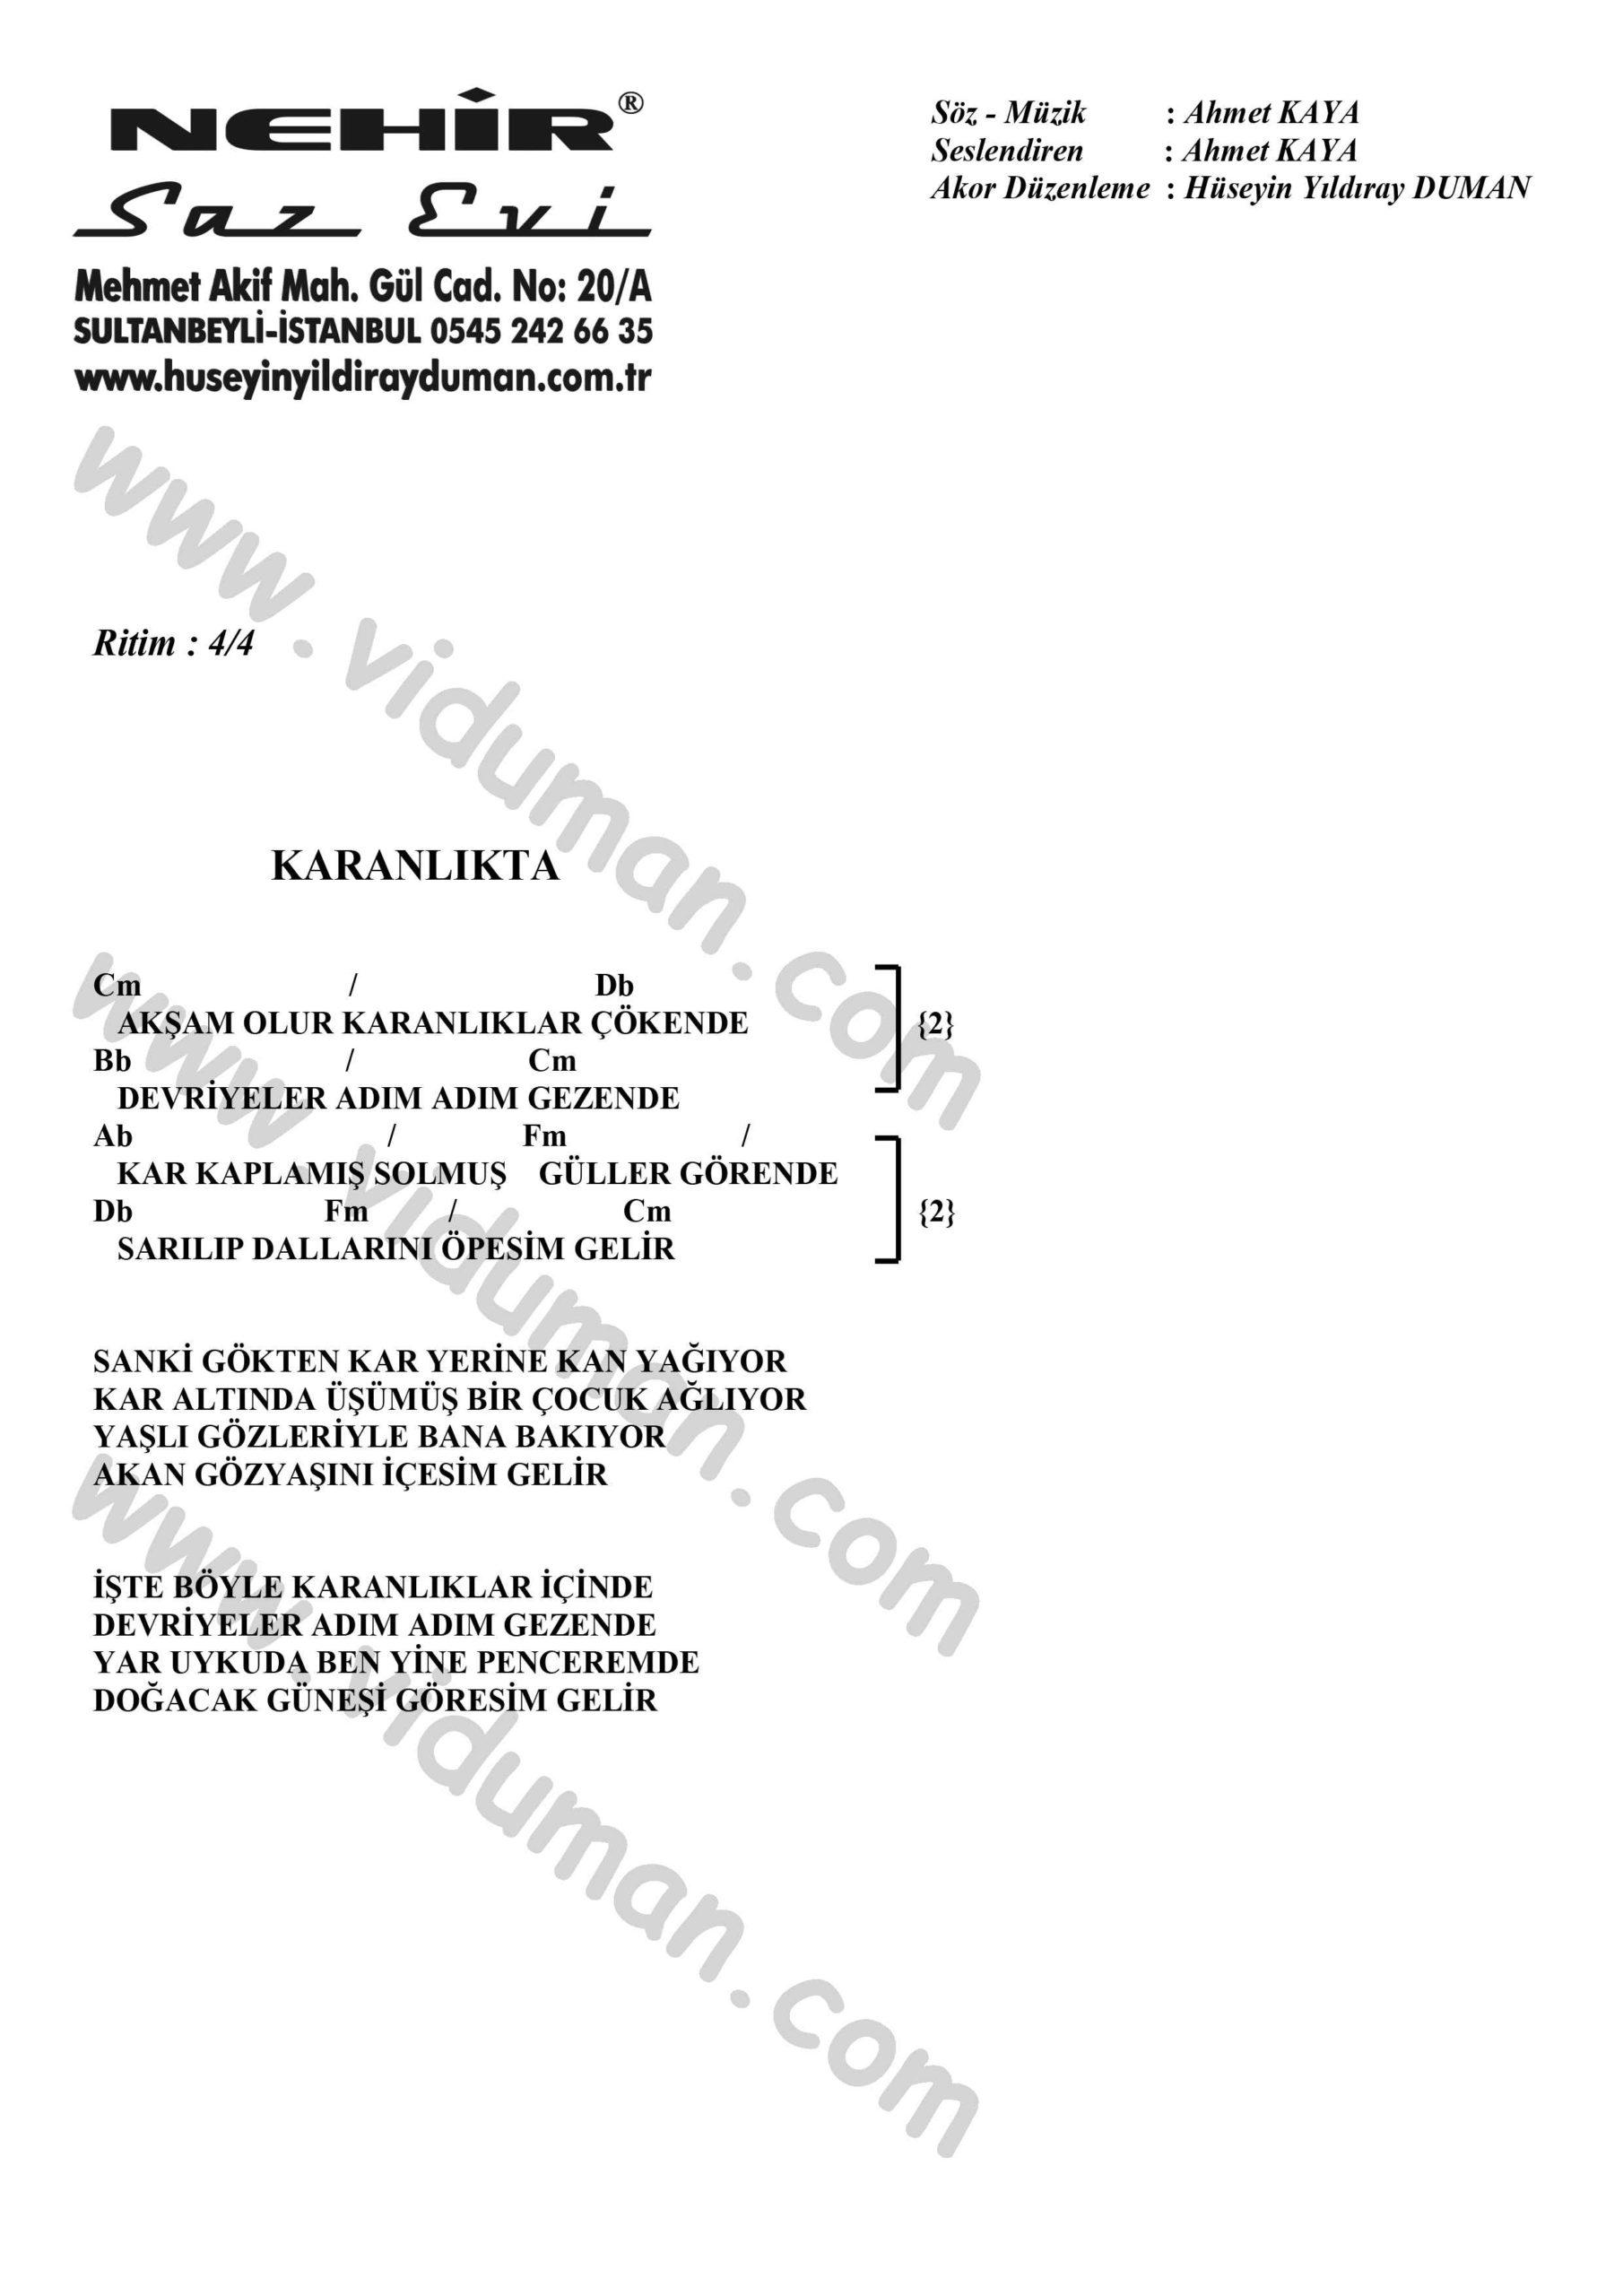 Karanlikta-Ahmet Kaya-Ritim-Gitar-Akorlari